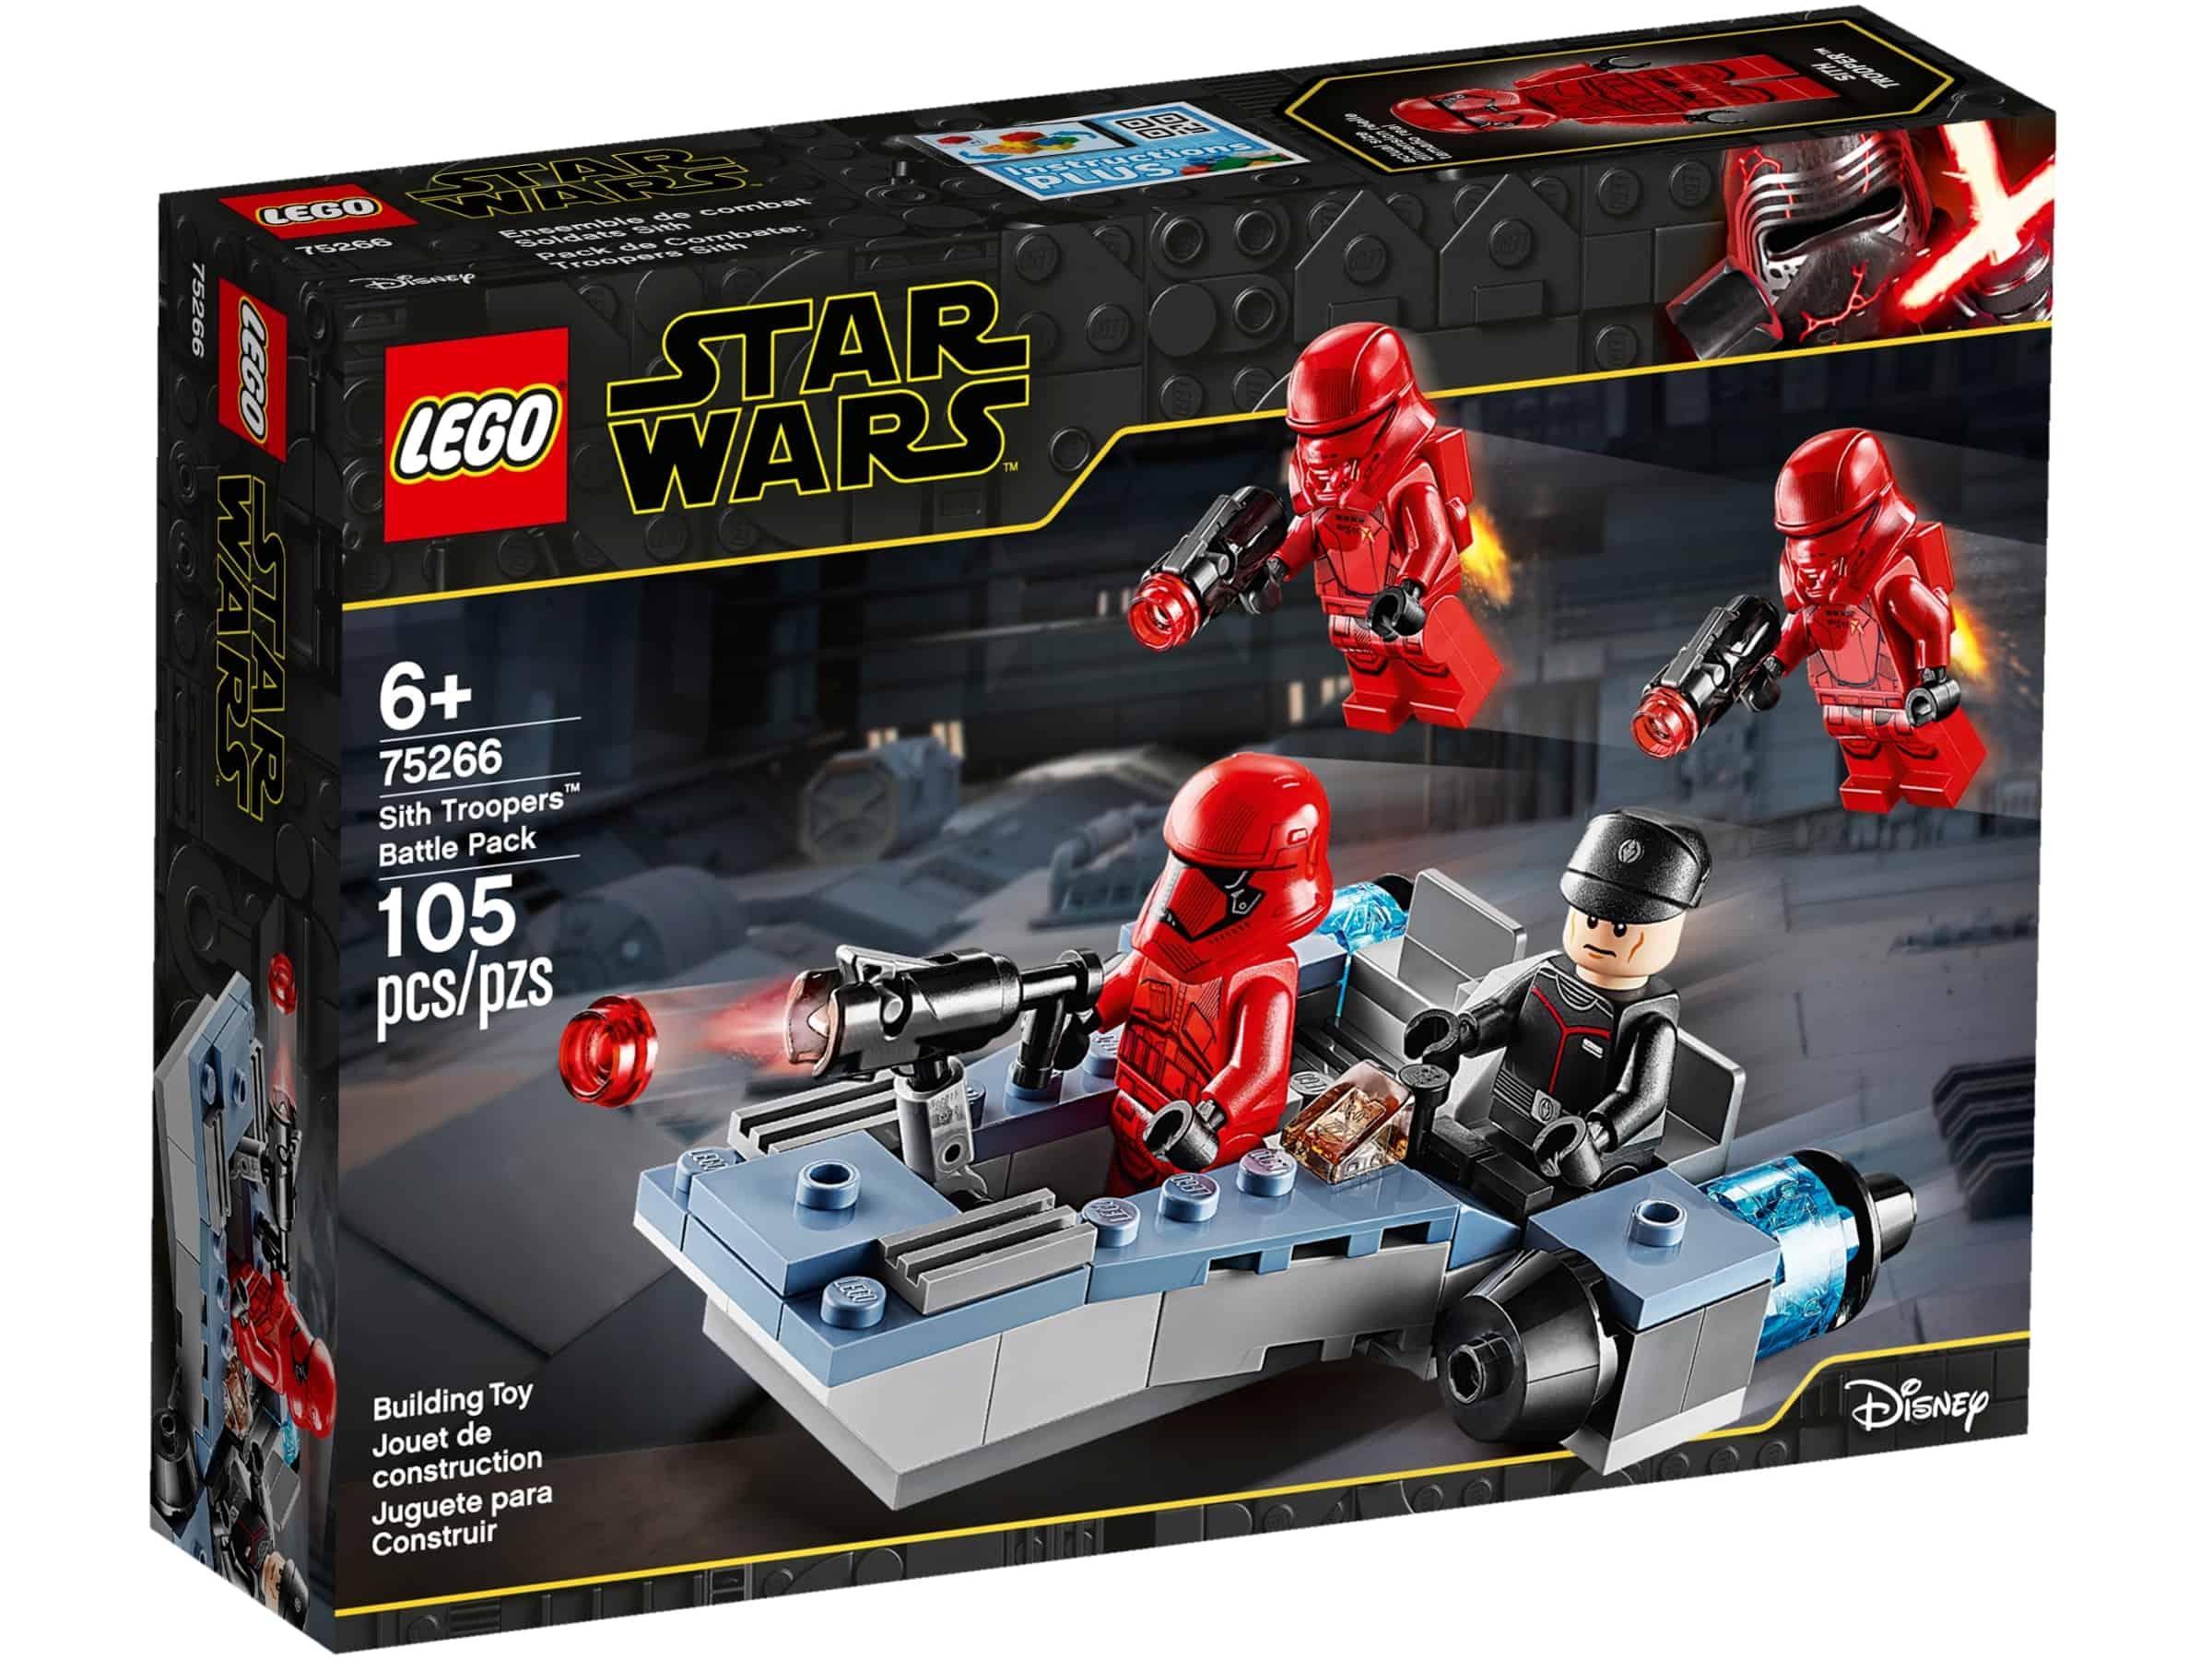 lego 75266 stridspakke med sith troopers